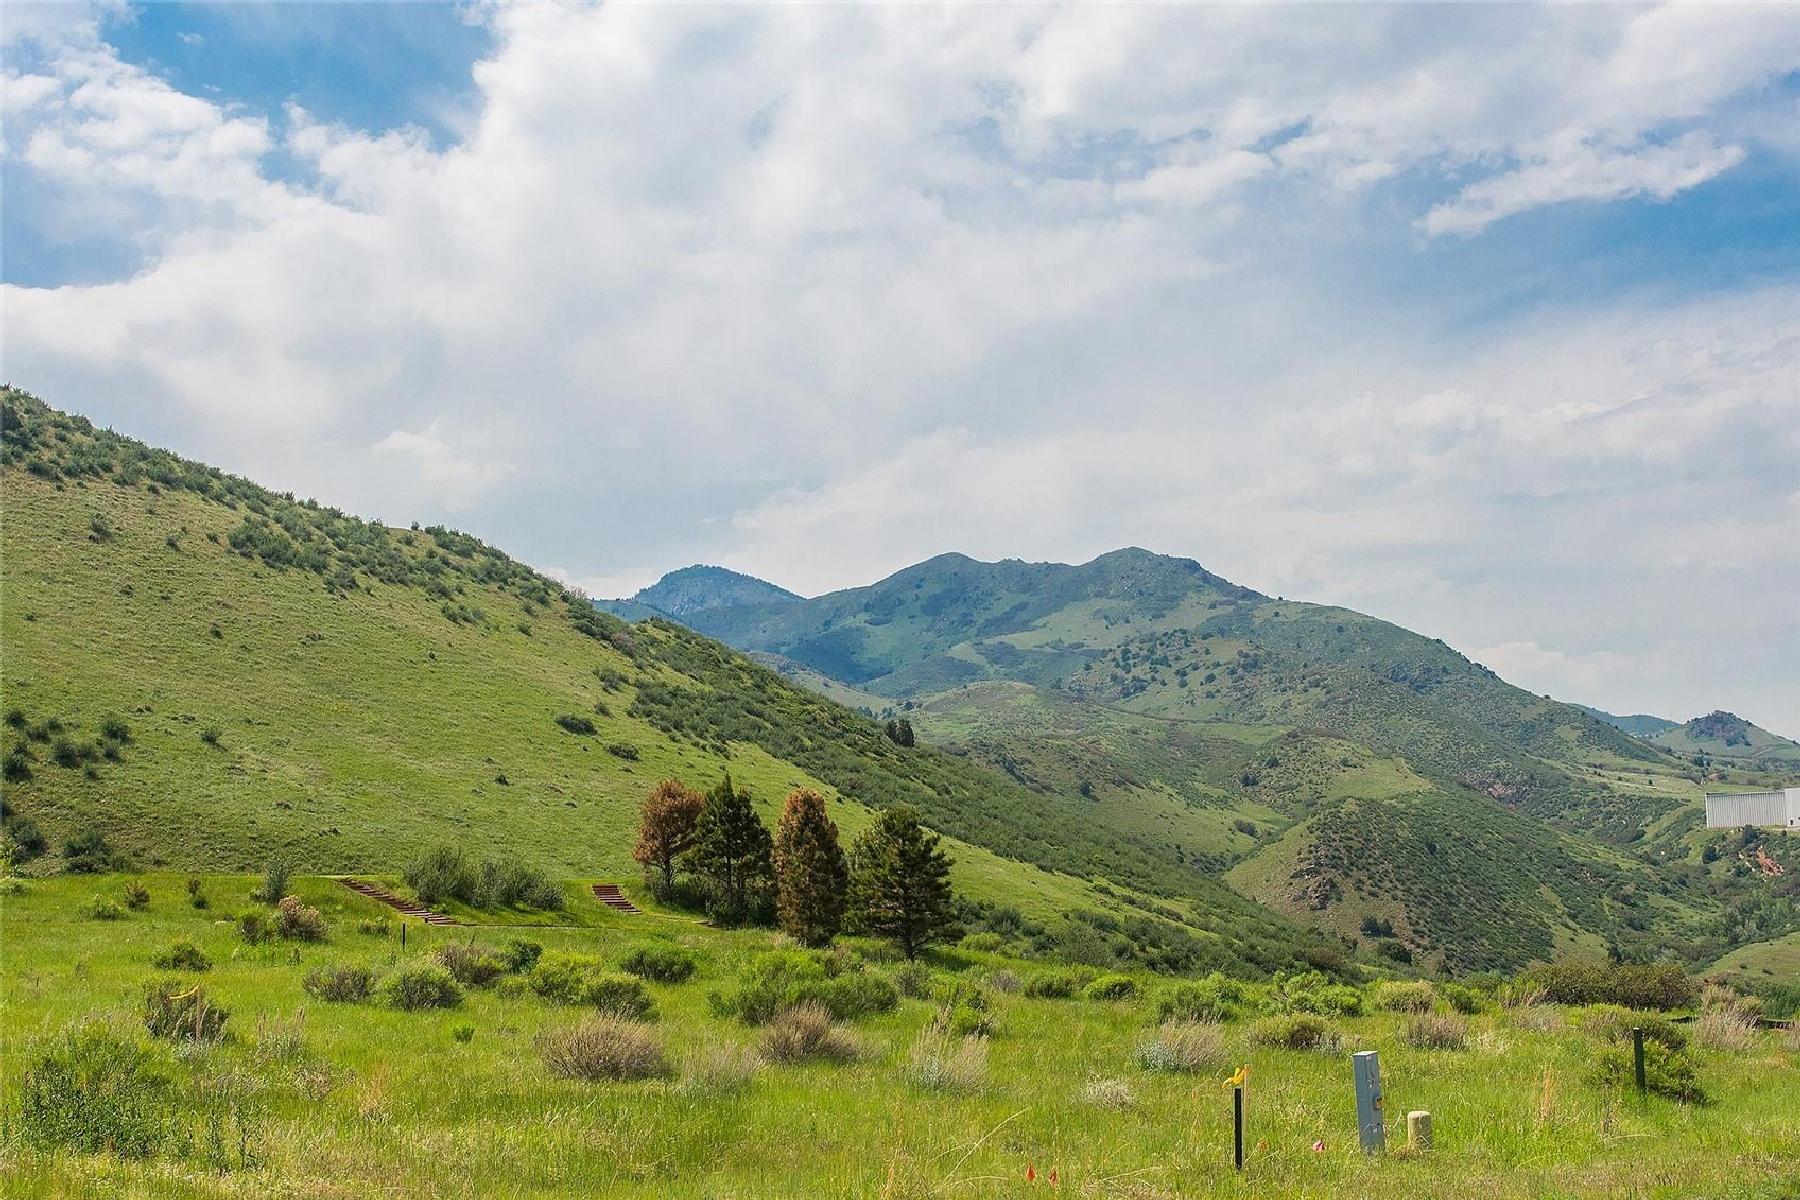 8017 Galileo Way 8017 Galileo Way Littleton, Colorado 80125 Estados Unidos